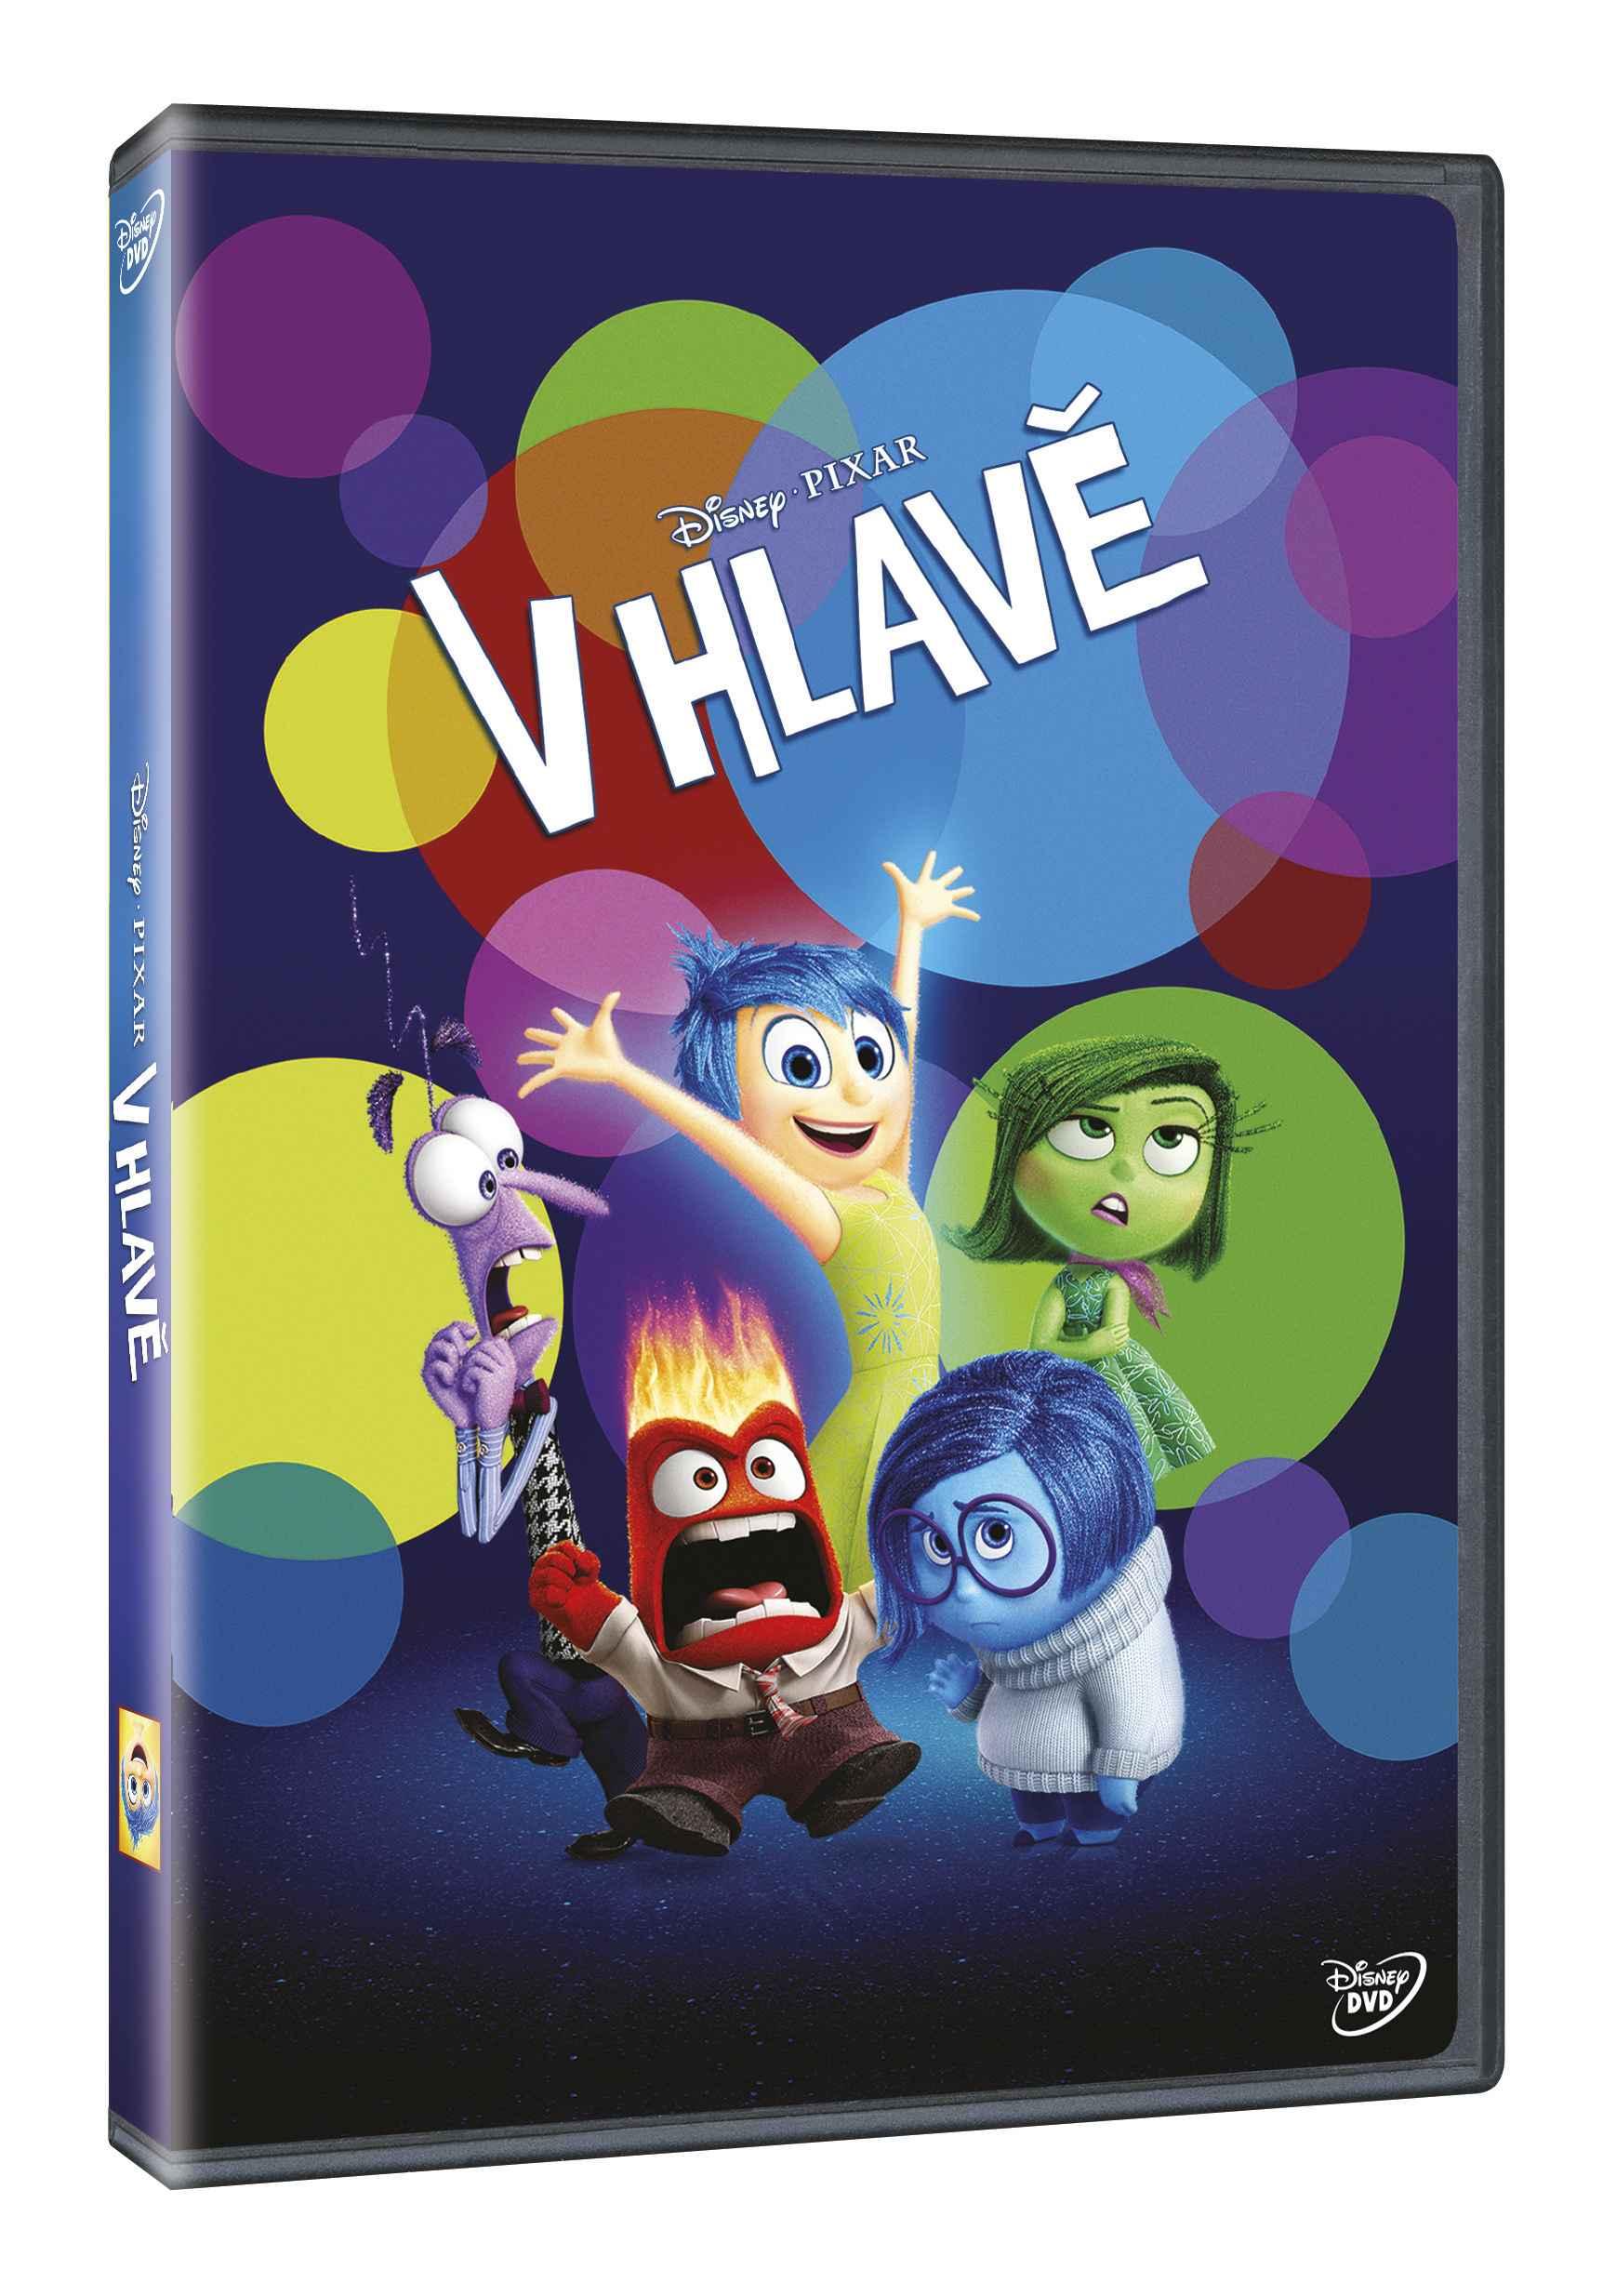 V HLAVĚ - DVD + 1DVD zdarma